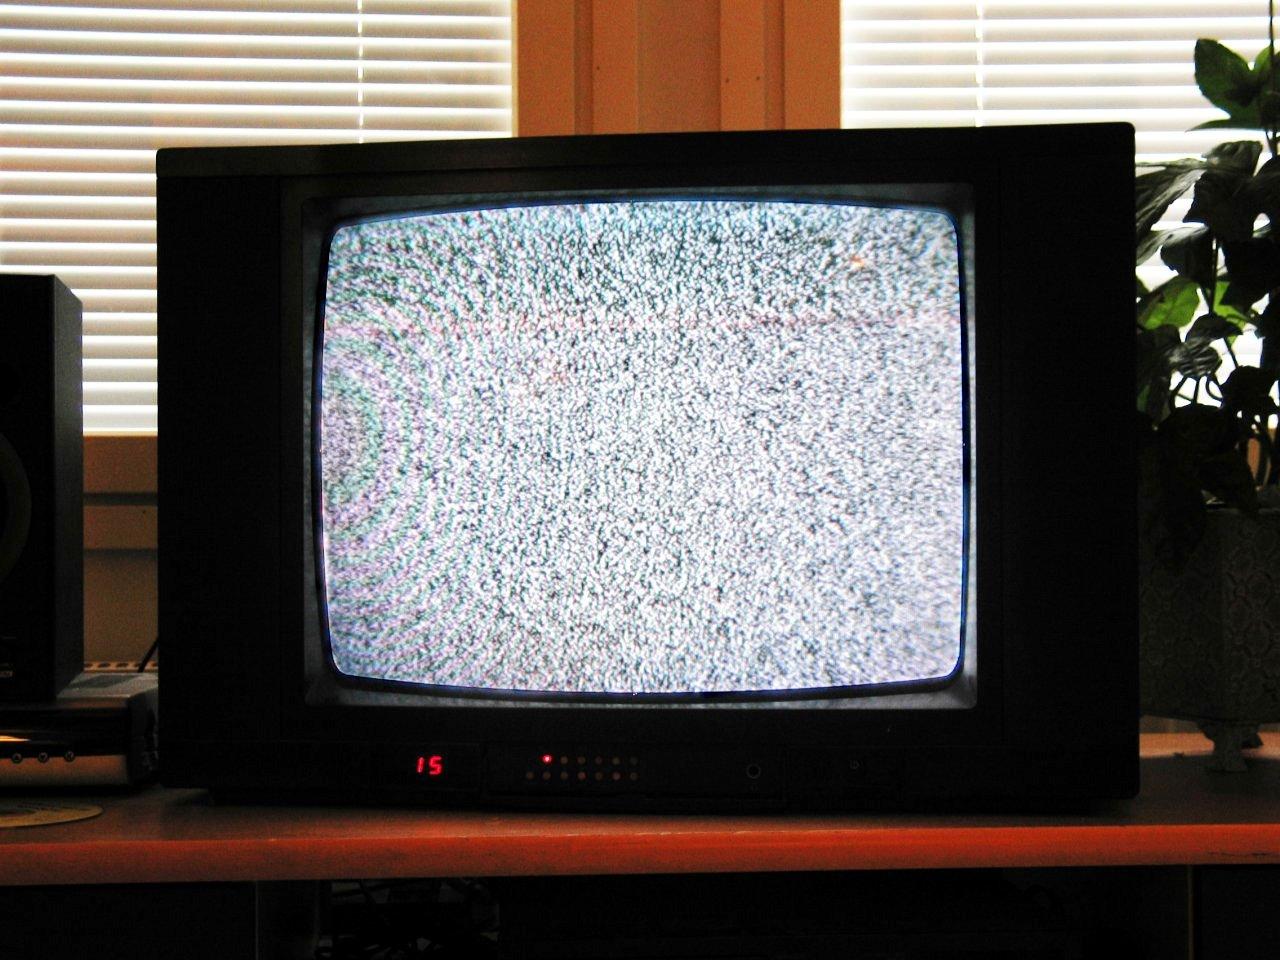 지지직 거리는 화면이 나오는 브라운관 텔레비전